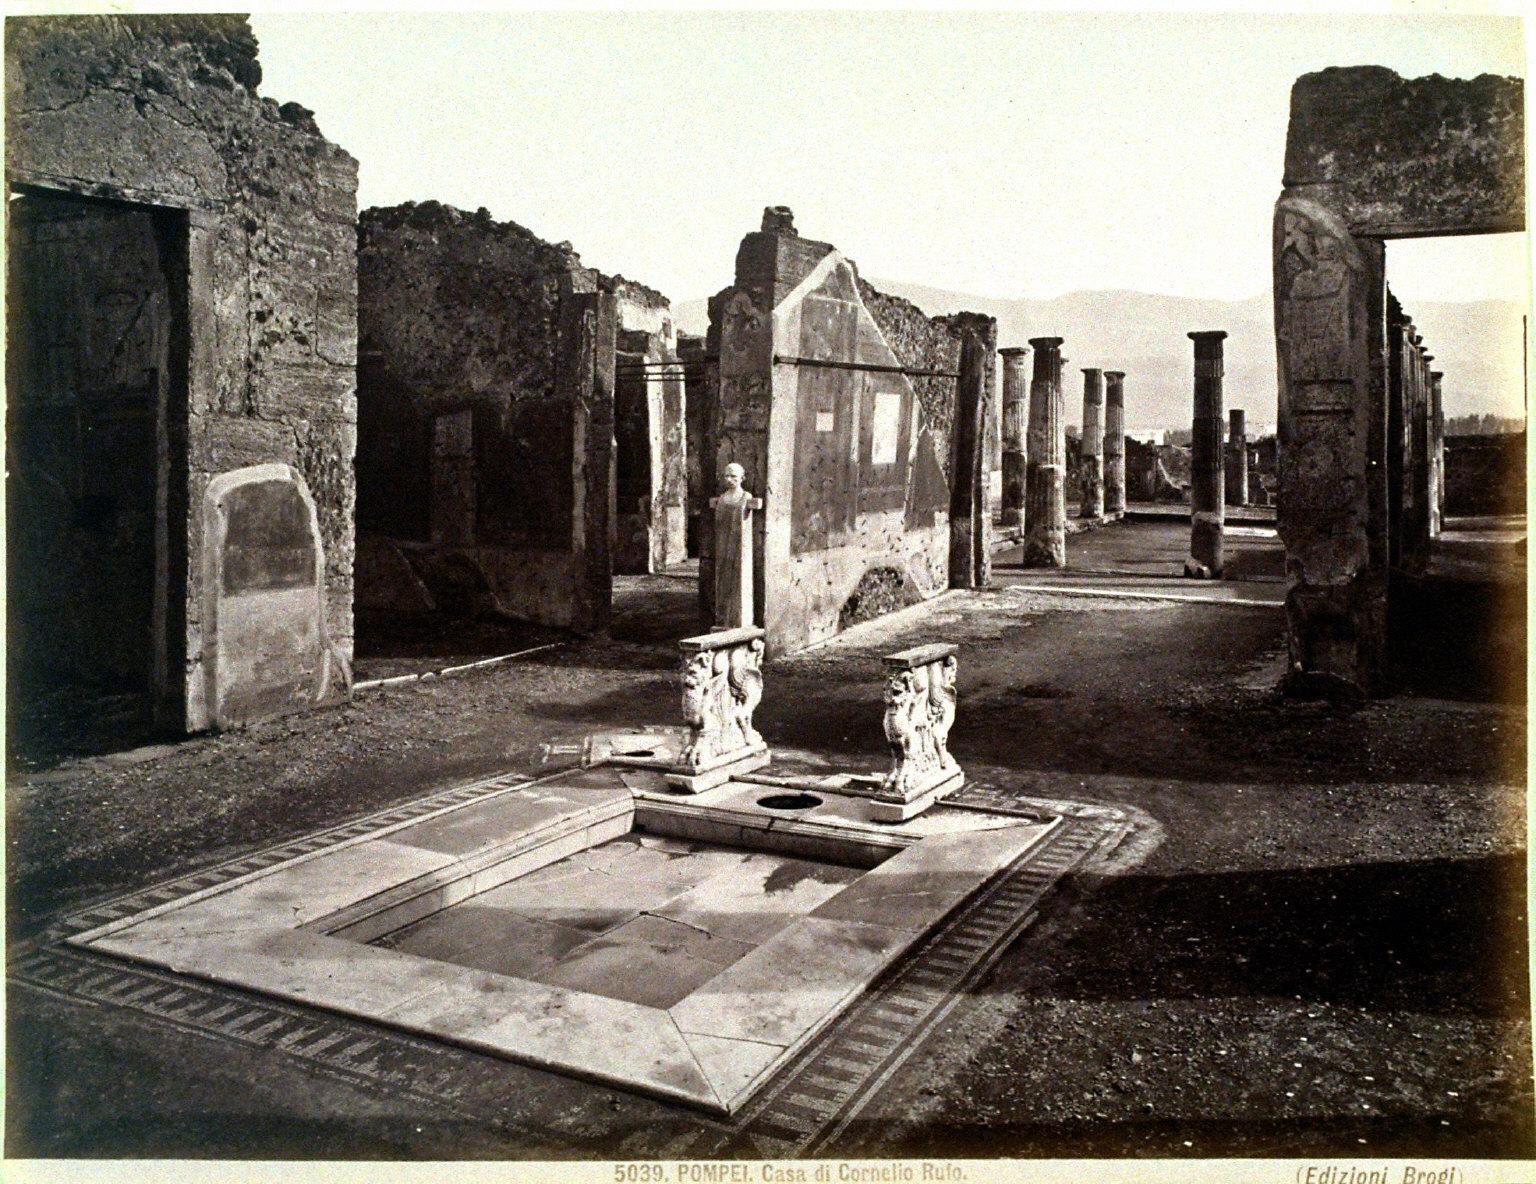 5039 Pompei, Casa di Cornelio Rufo